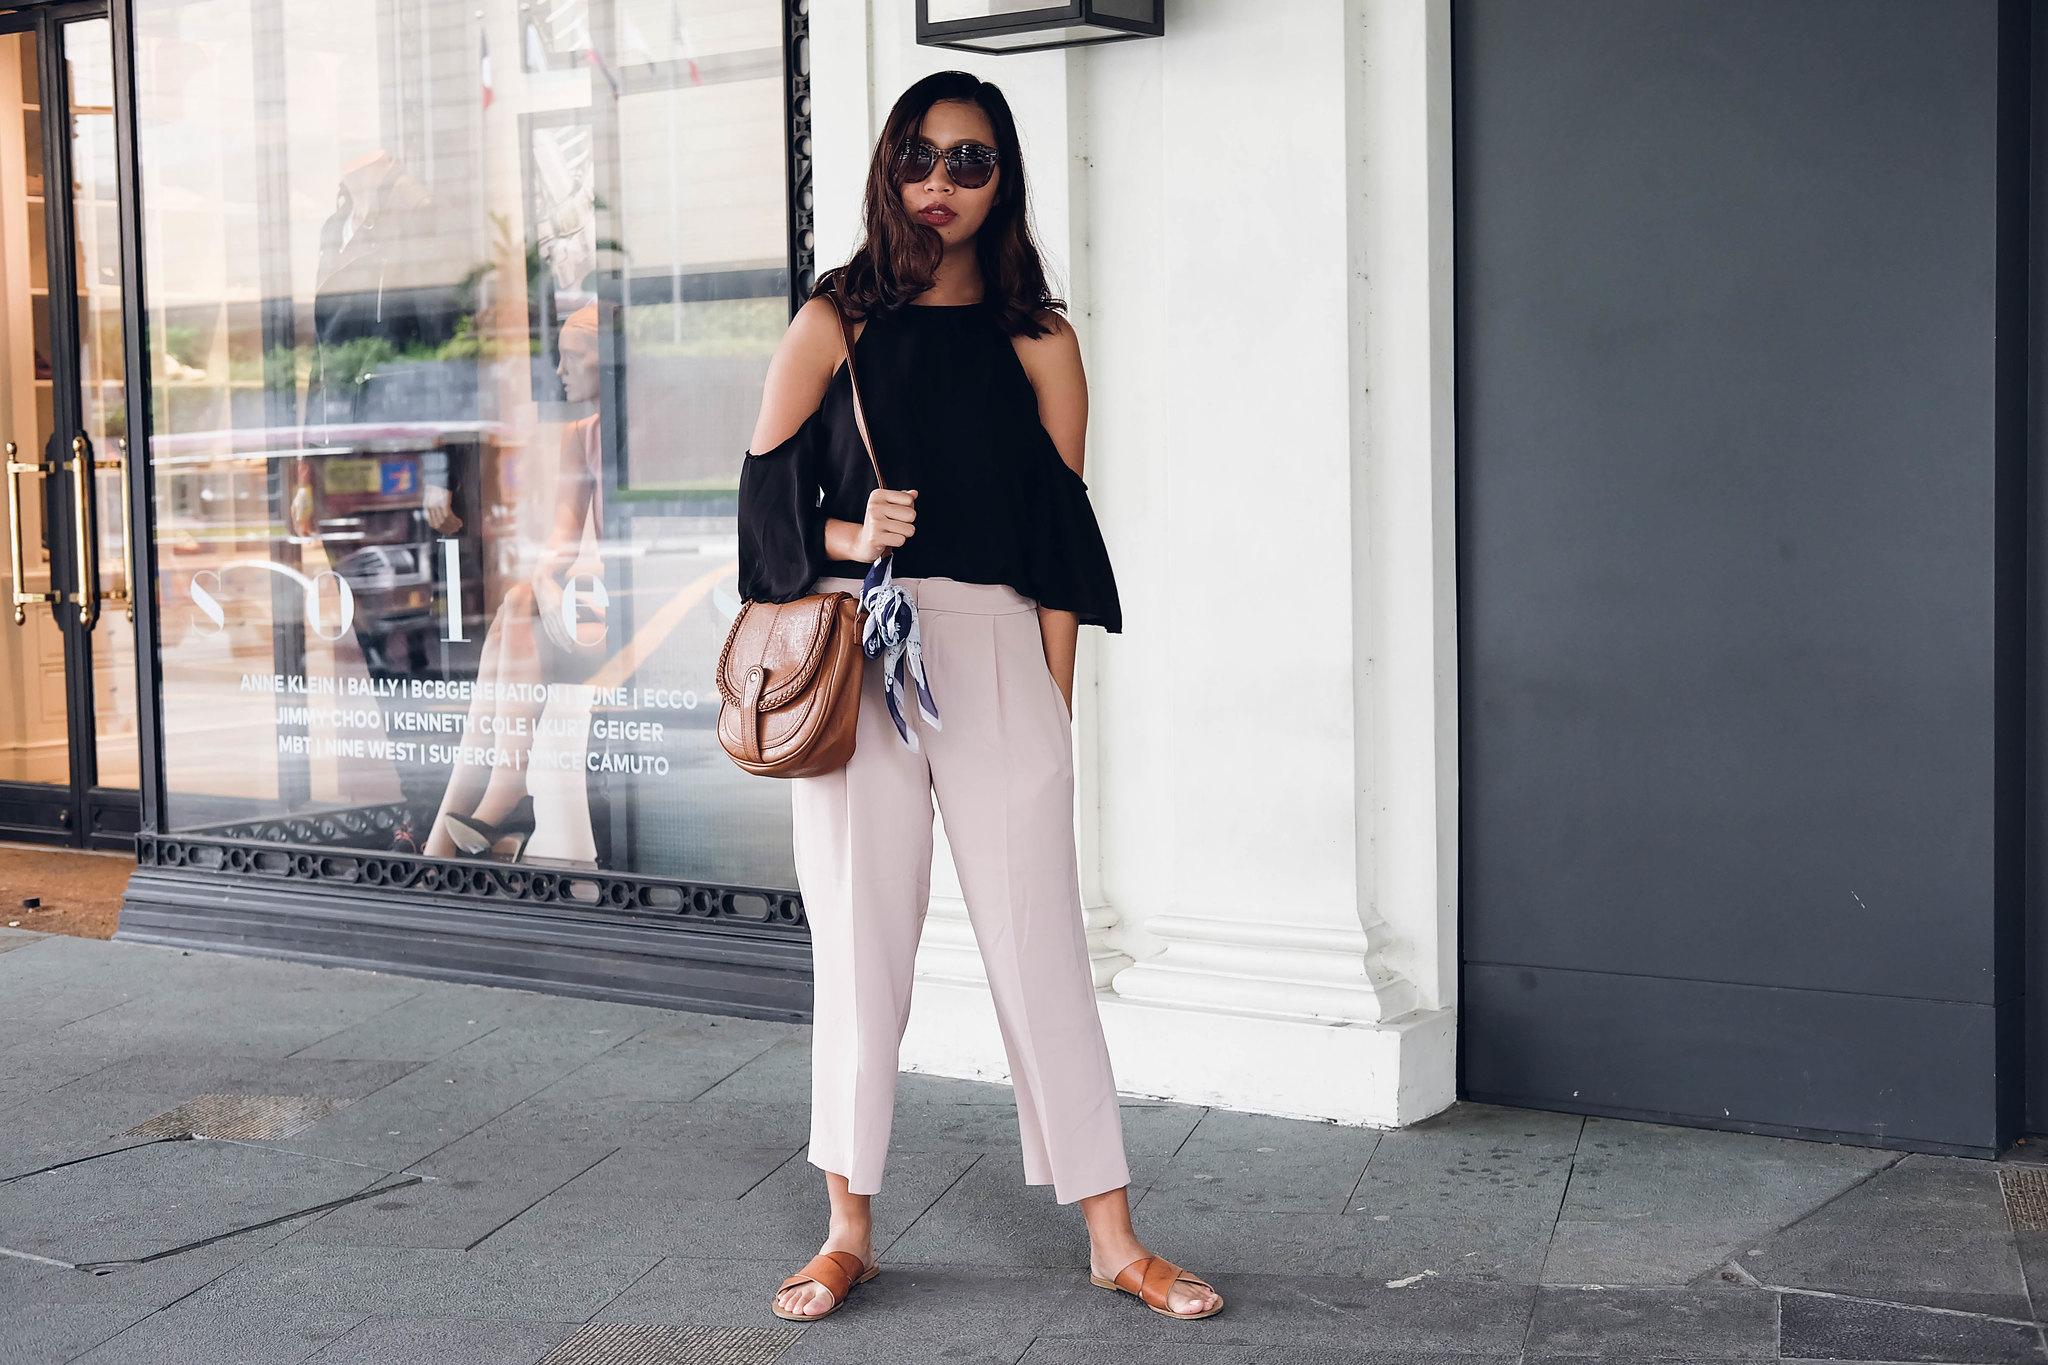 sunniesandstyle style blog